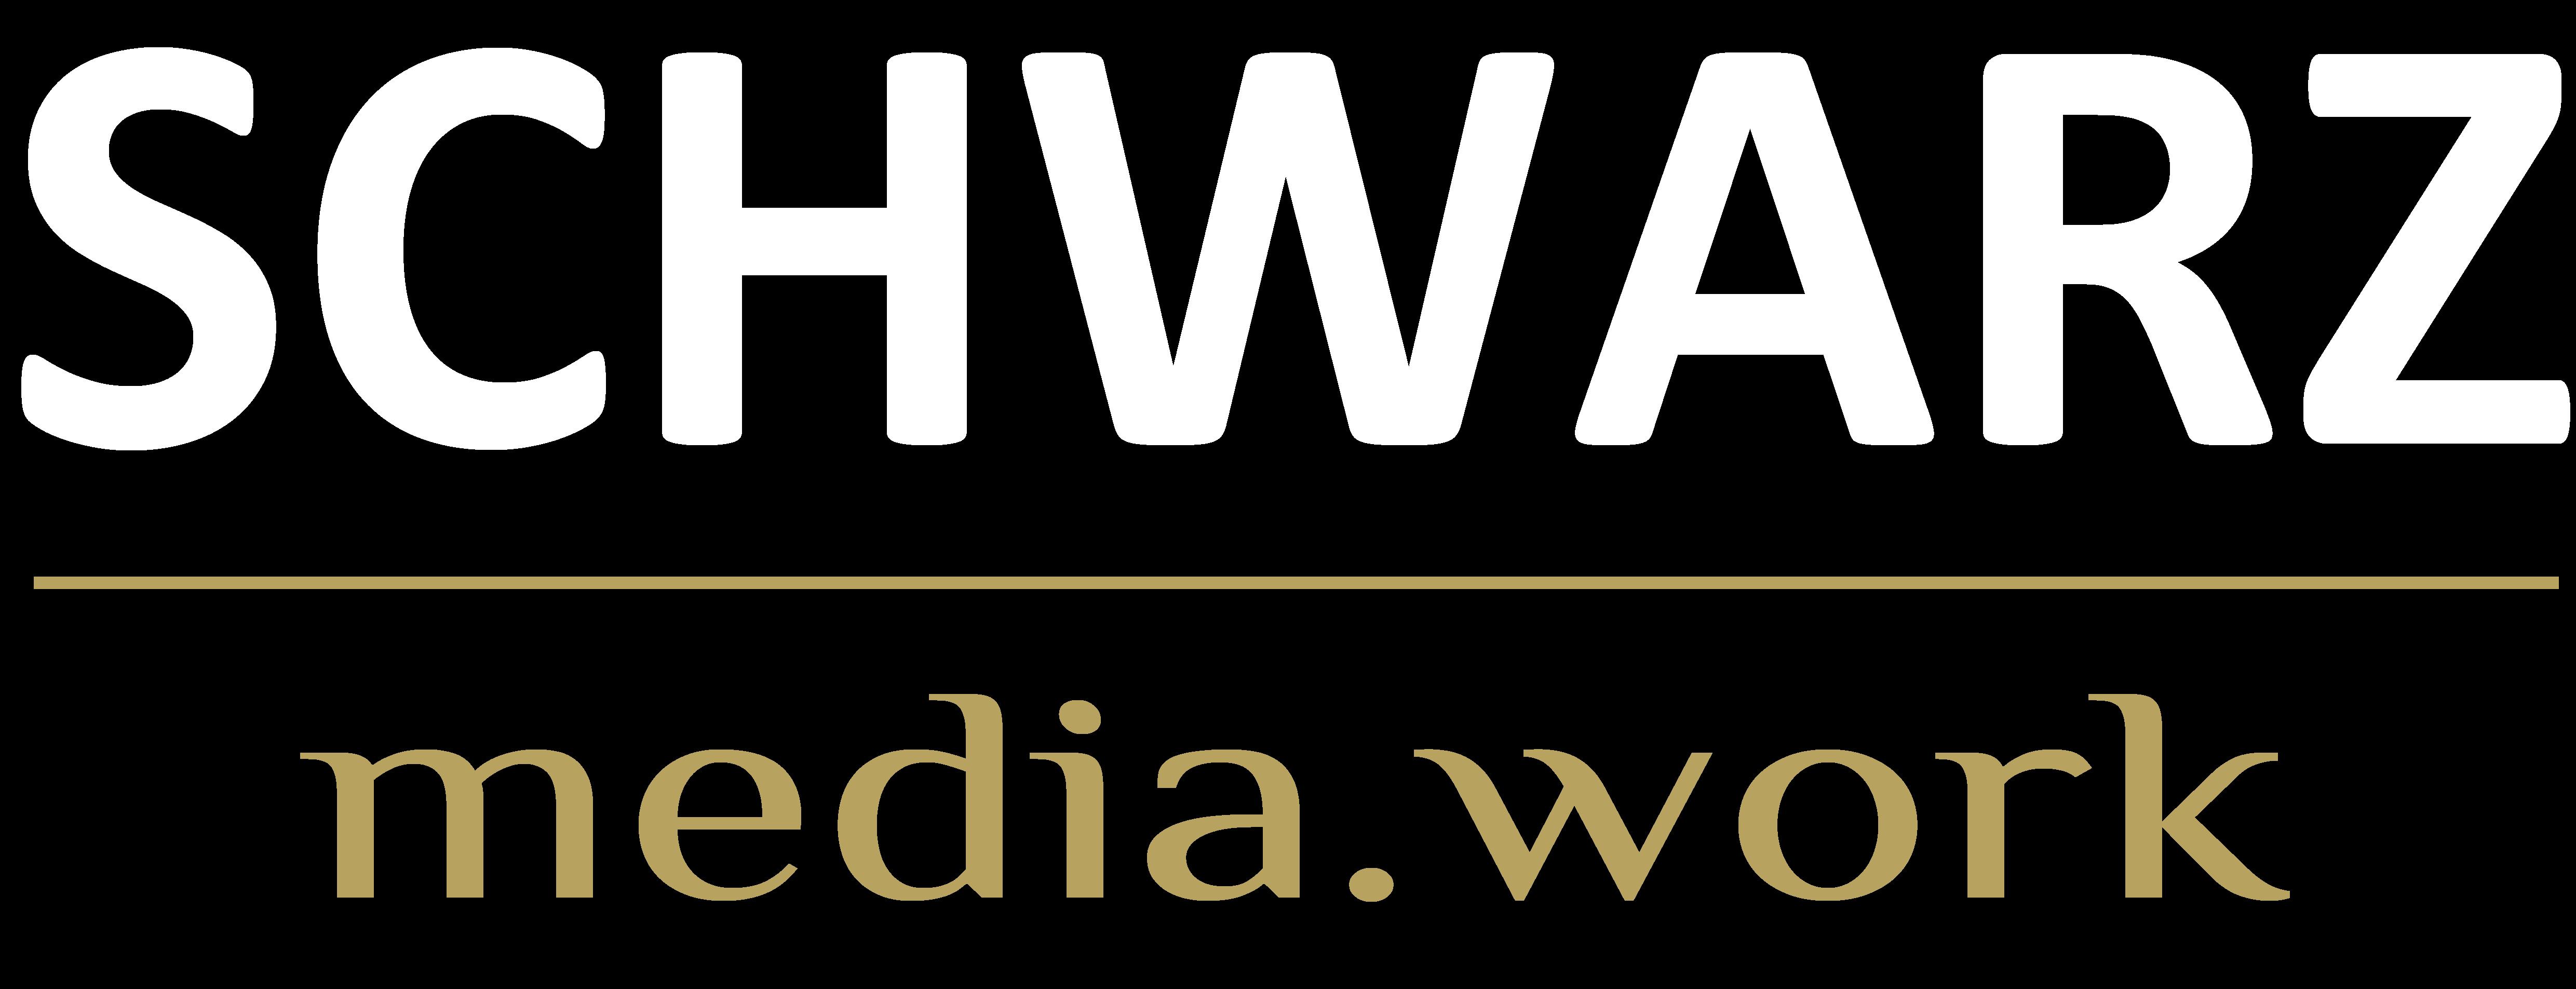 SCHWARZmedia.work